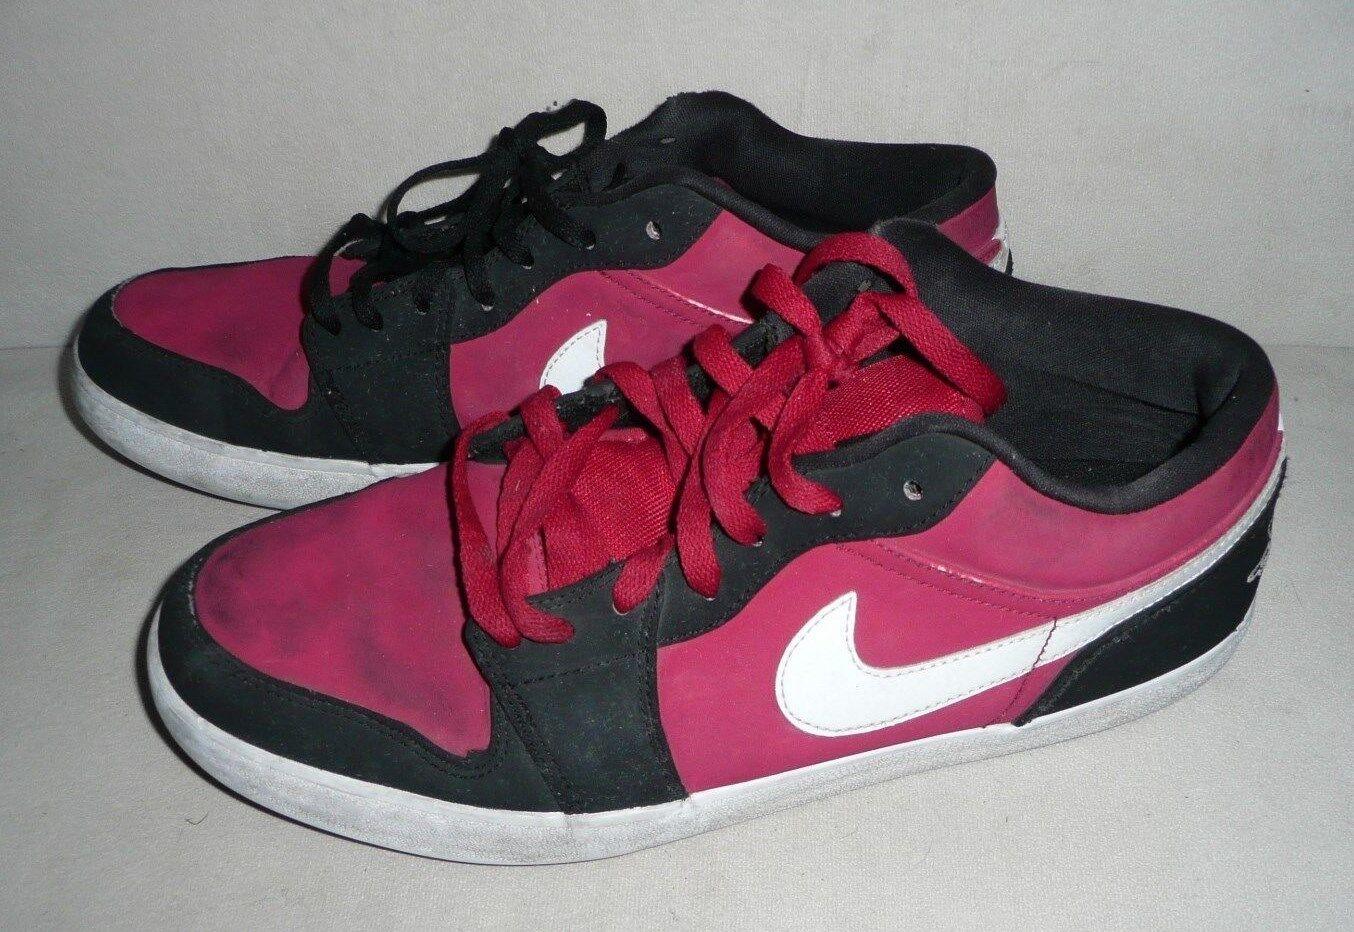 Gli uomini le le le scarpe nike air jordan rosso & nero taglia 10 scarpe da basket | Alta qualità ed economia  | Lascia che i nostri beni escano nel mondo  | Per Essere Altamente Lodato E Apprezzato Dal Pubblico Dei Consumatori  94af9f